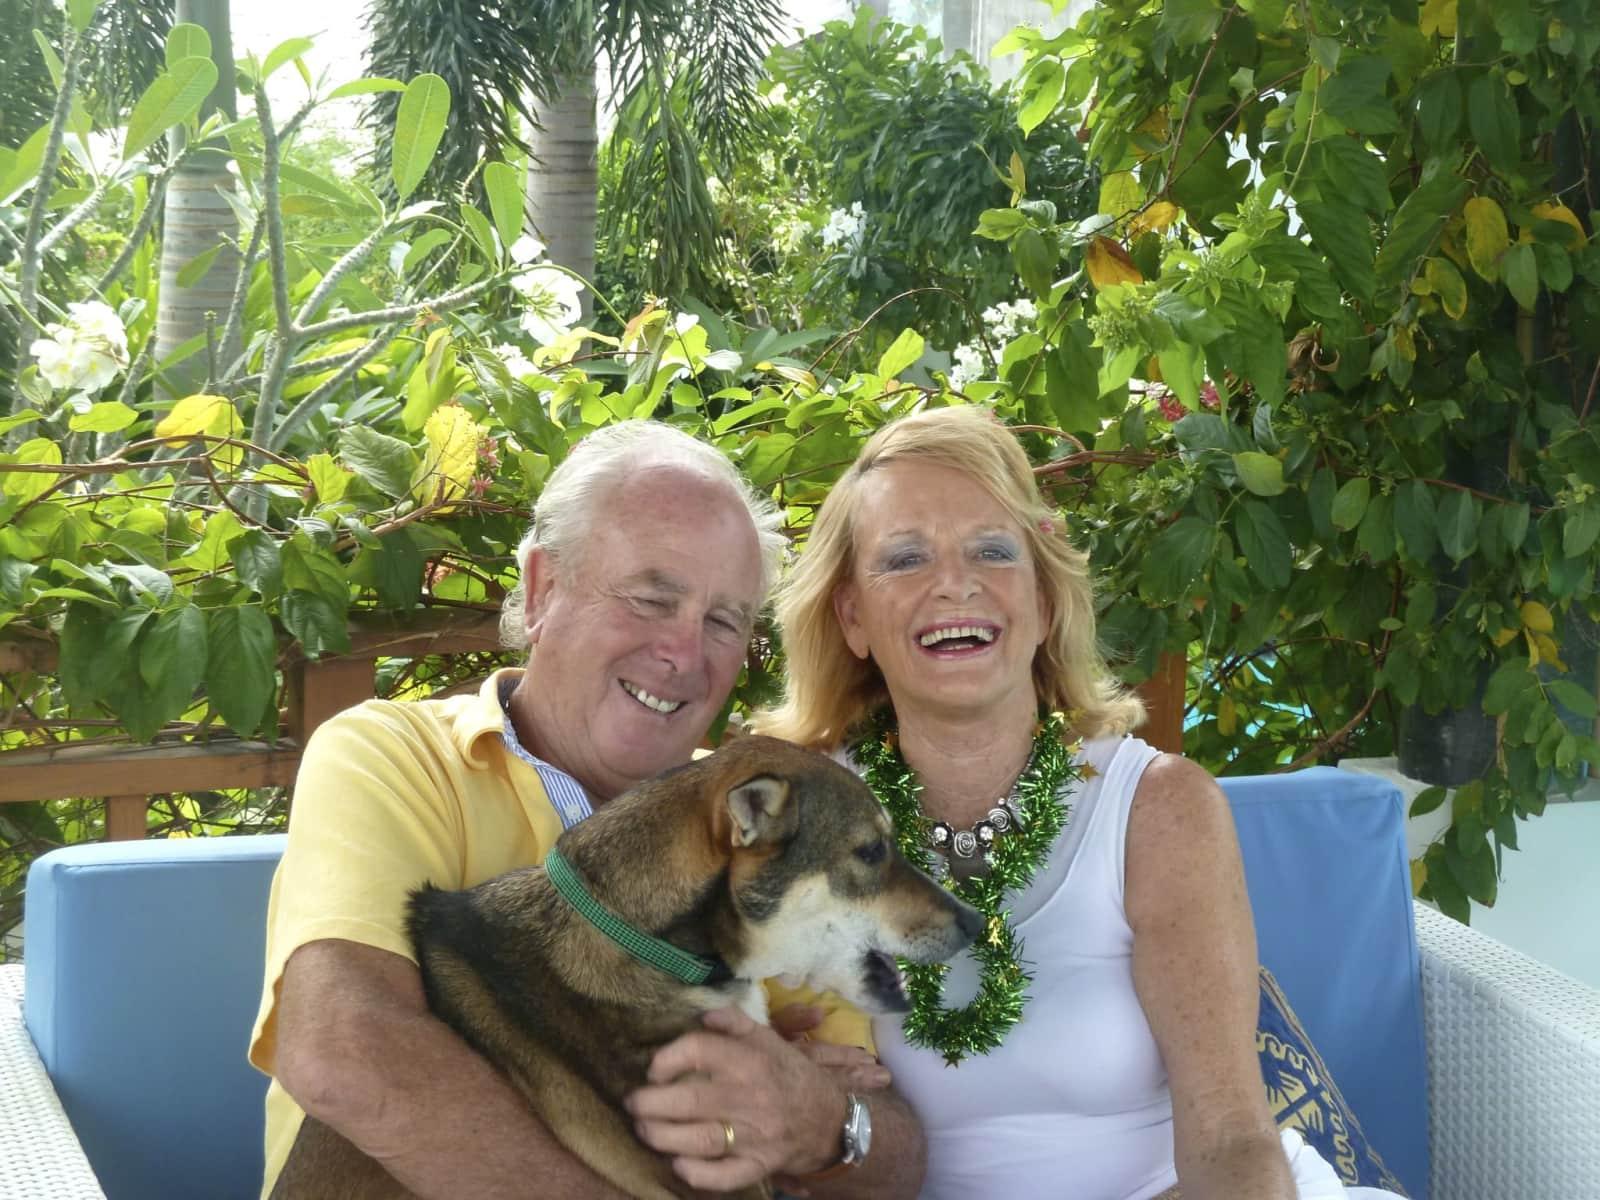 Fay and ian & Ian from Byron Bay, New South Wales, Australia